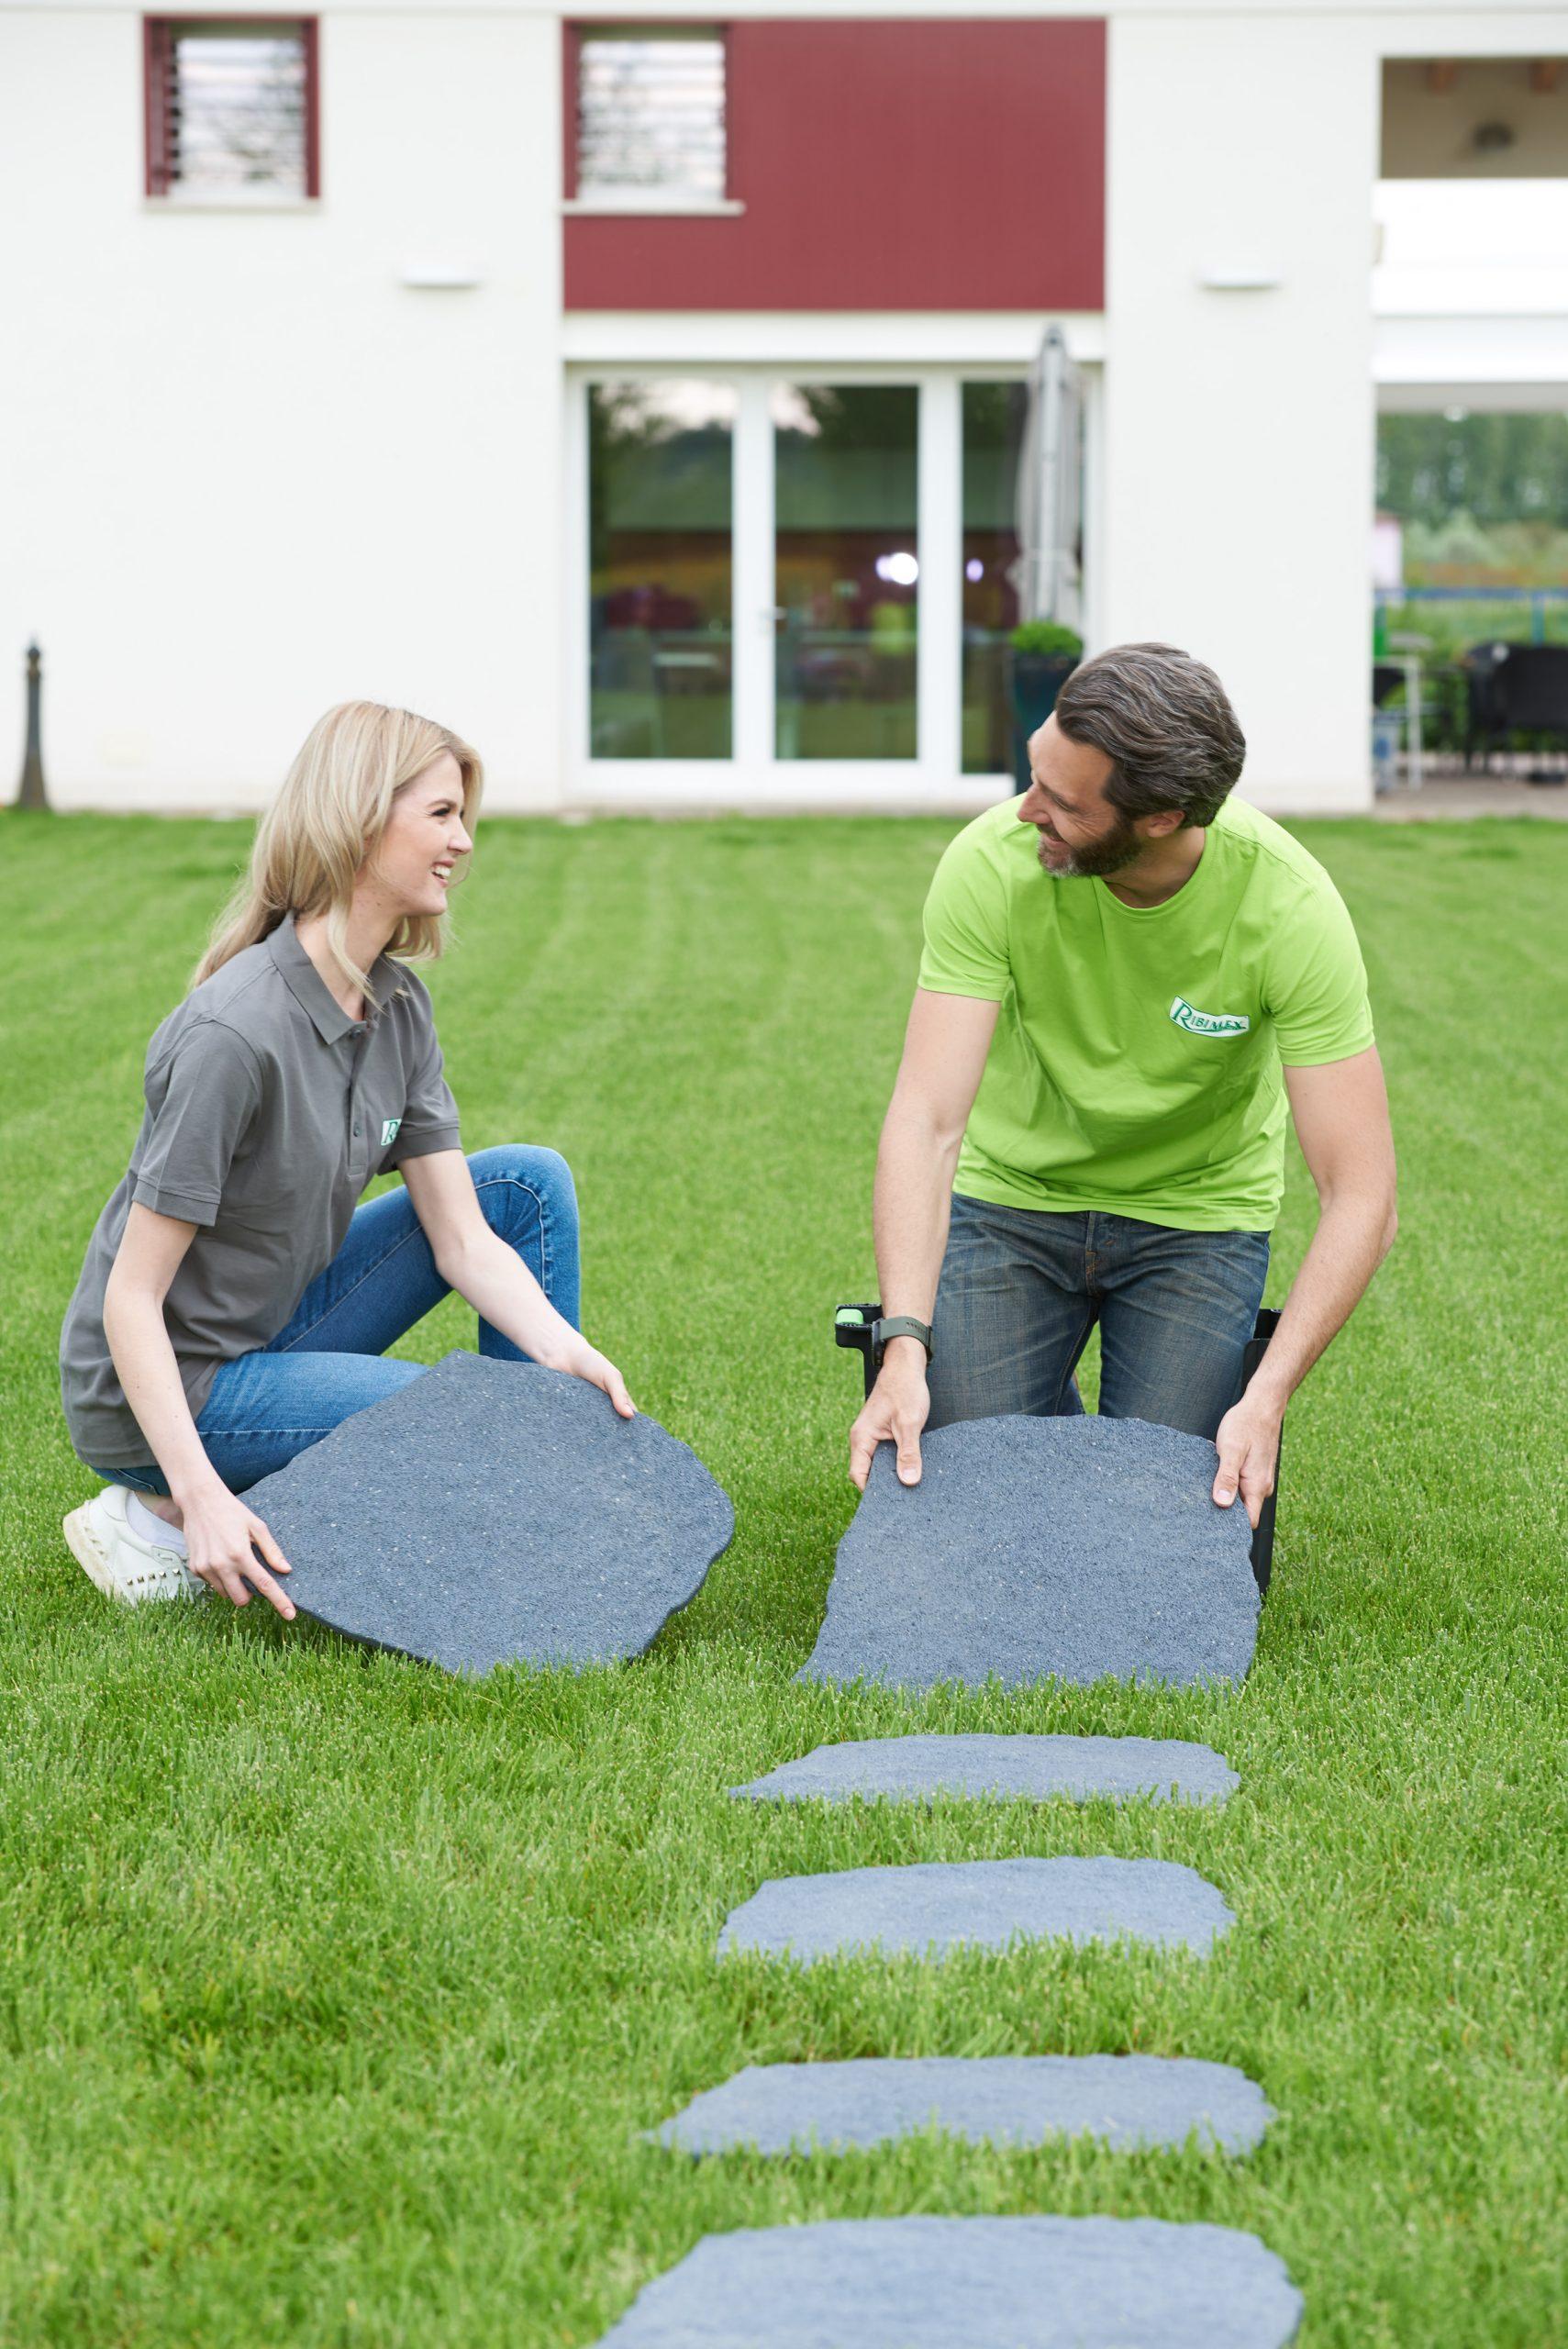 Bricolage & jardinage: découvrez les produits innovants RIBIMEX!